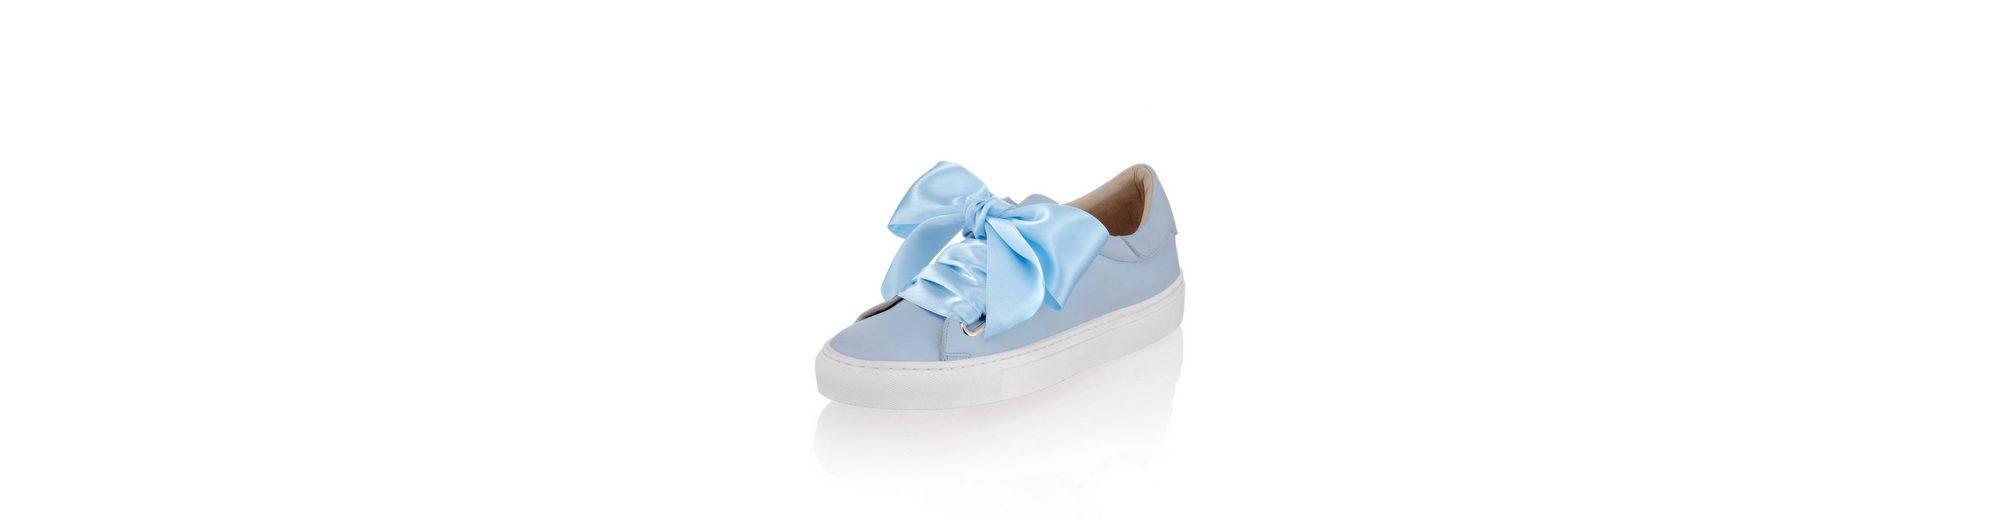 Alba Moda Schnürschuh in pastelliger Farbe Spielraum Nicekicks Großer Verkauf Billig Verkaufen Billig Wirklich Billige Schuhe Online Rabatt-Codes Wirklich Billig MOrGk2